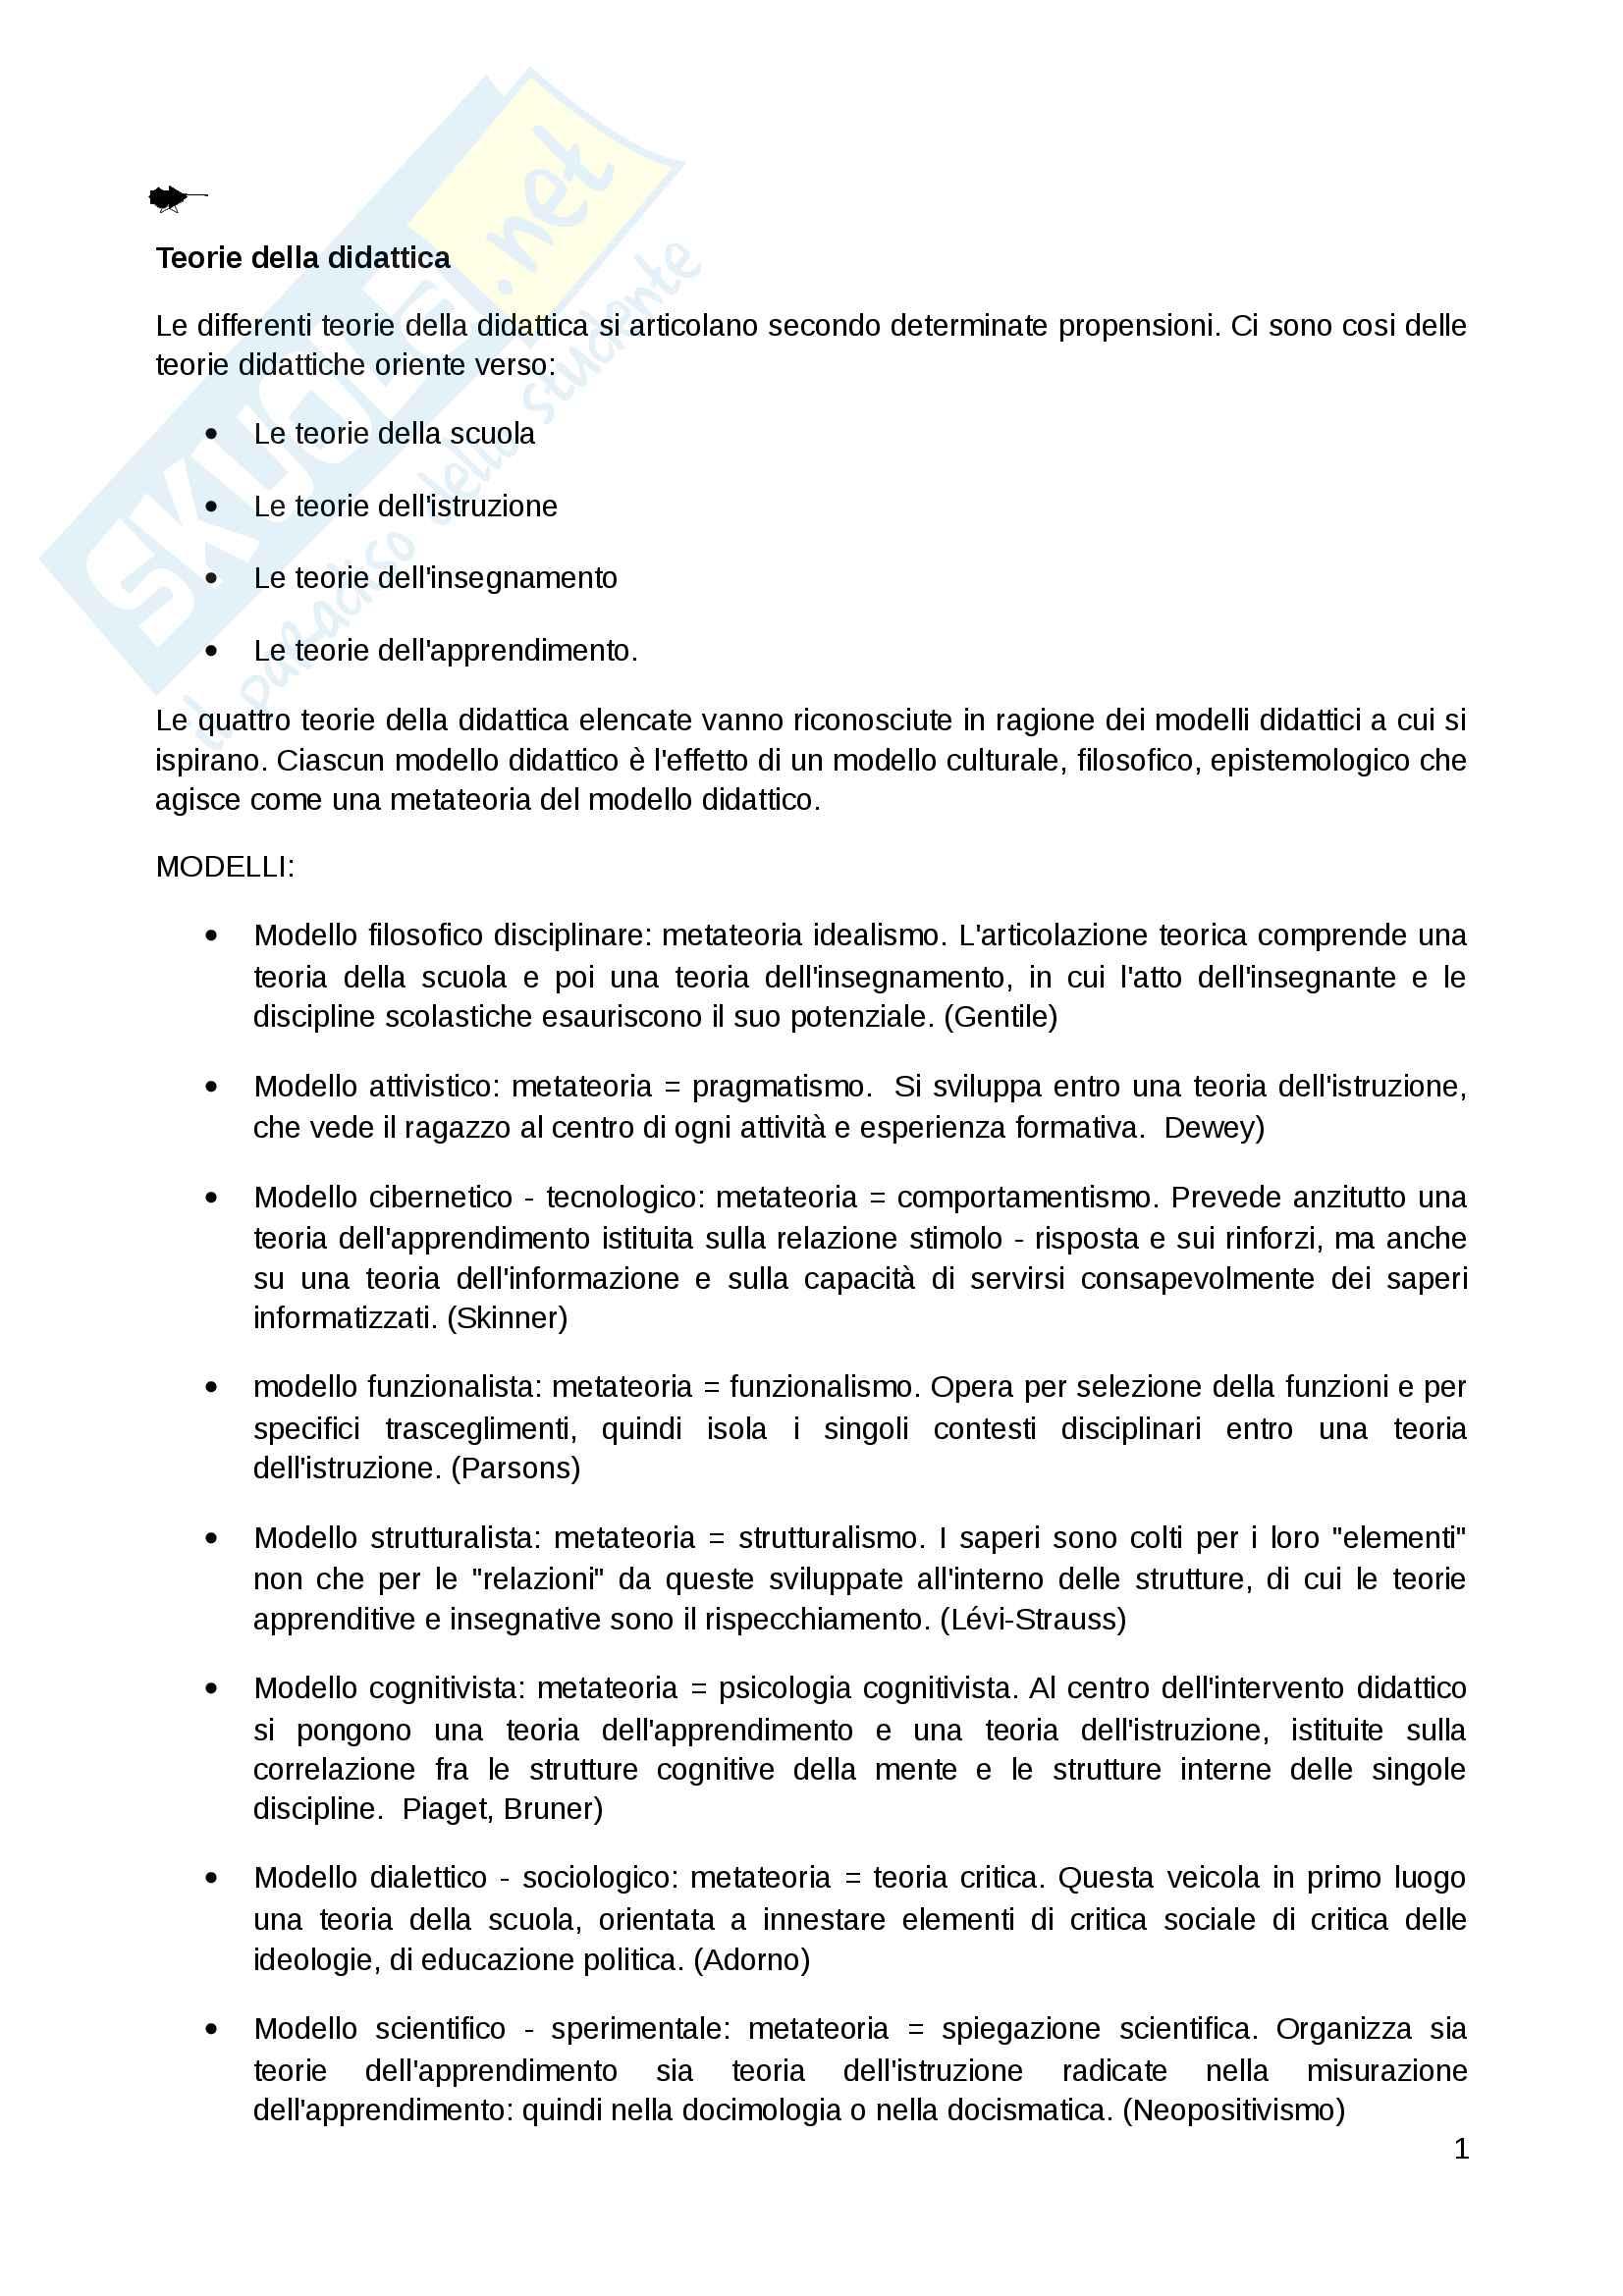 Riassunto per l'esame di didattica generale, professoressa M.V. Isidori. Libro consigliato M.Gennari, Manuale di didattica generale cap 1, 5, 7, 8 ,9, 10